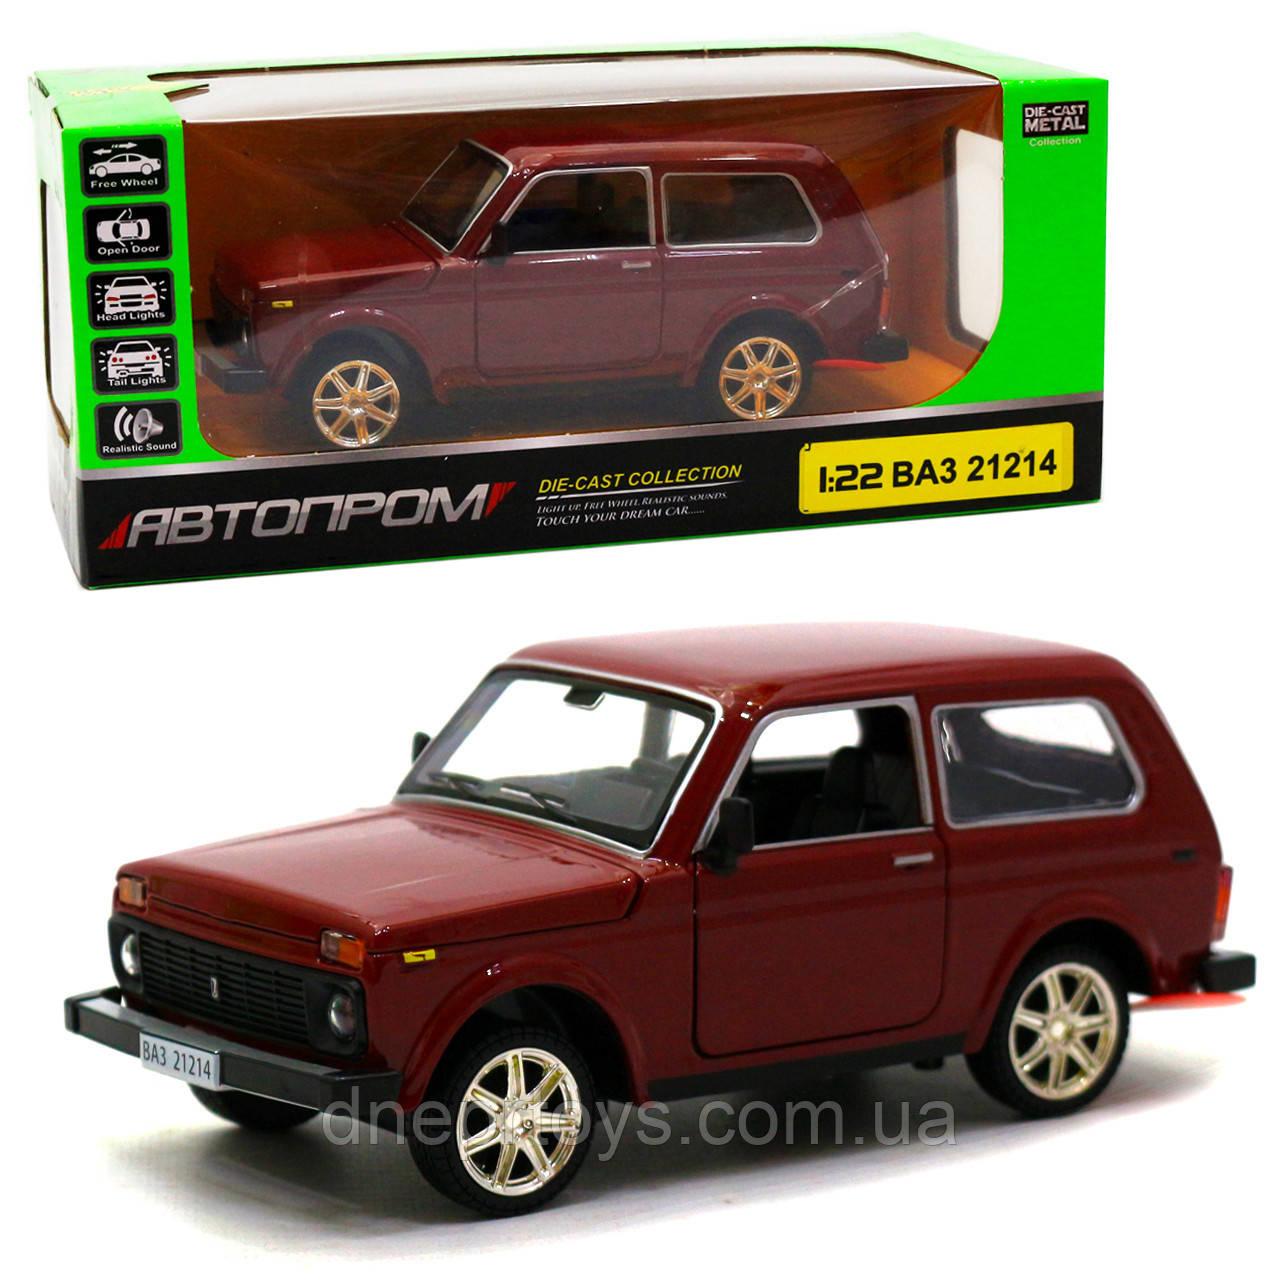 Игрушечная машинка металлическая ВАЗ Lada Niva «Автопром», красный, от 3 лет, 16*8*7 см, (21214)